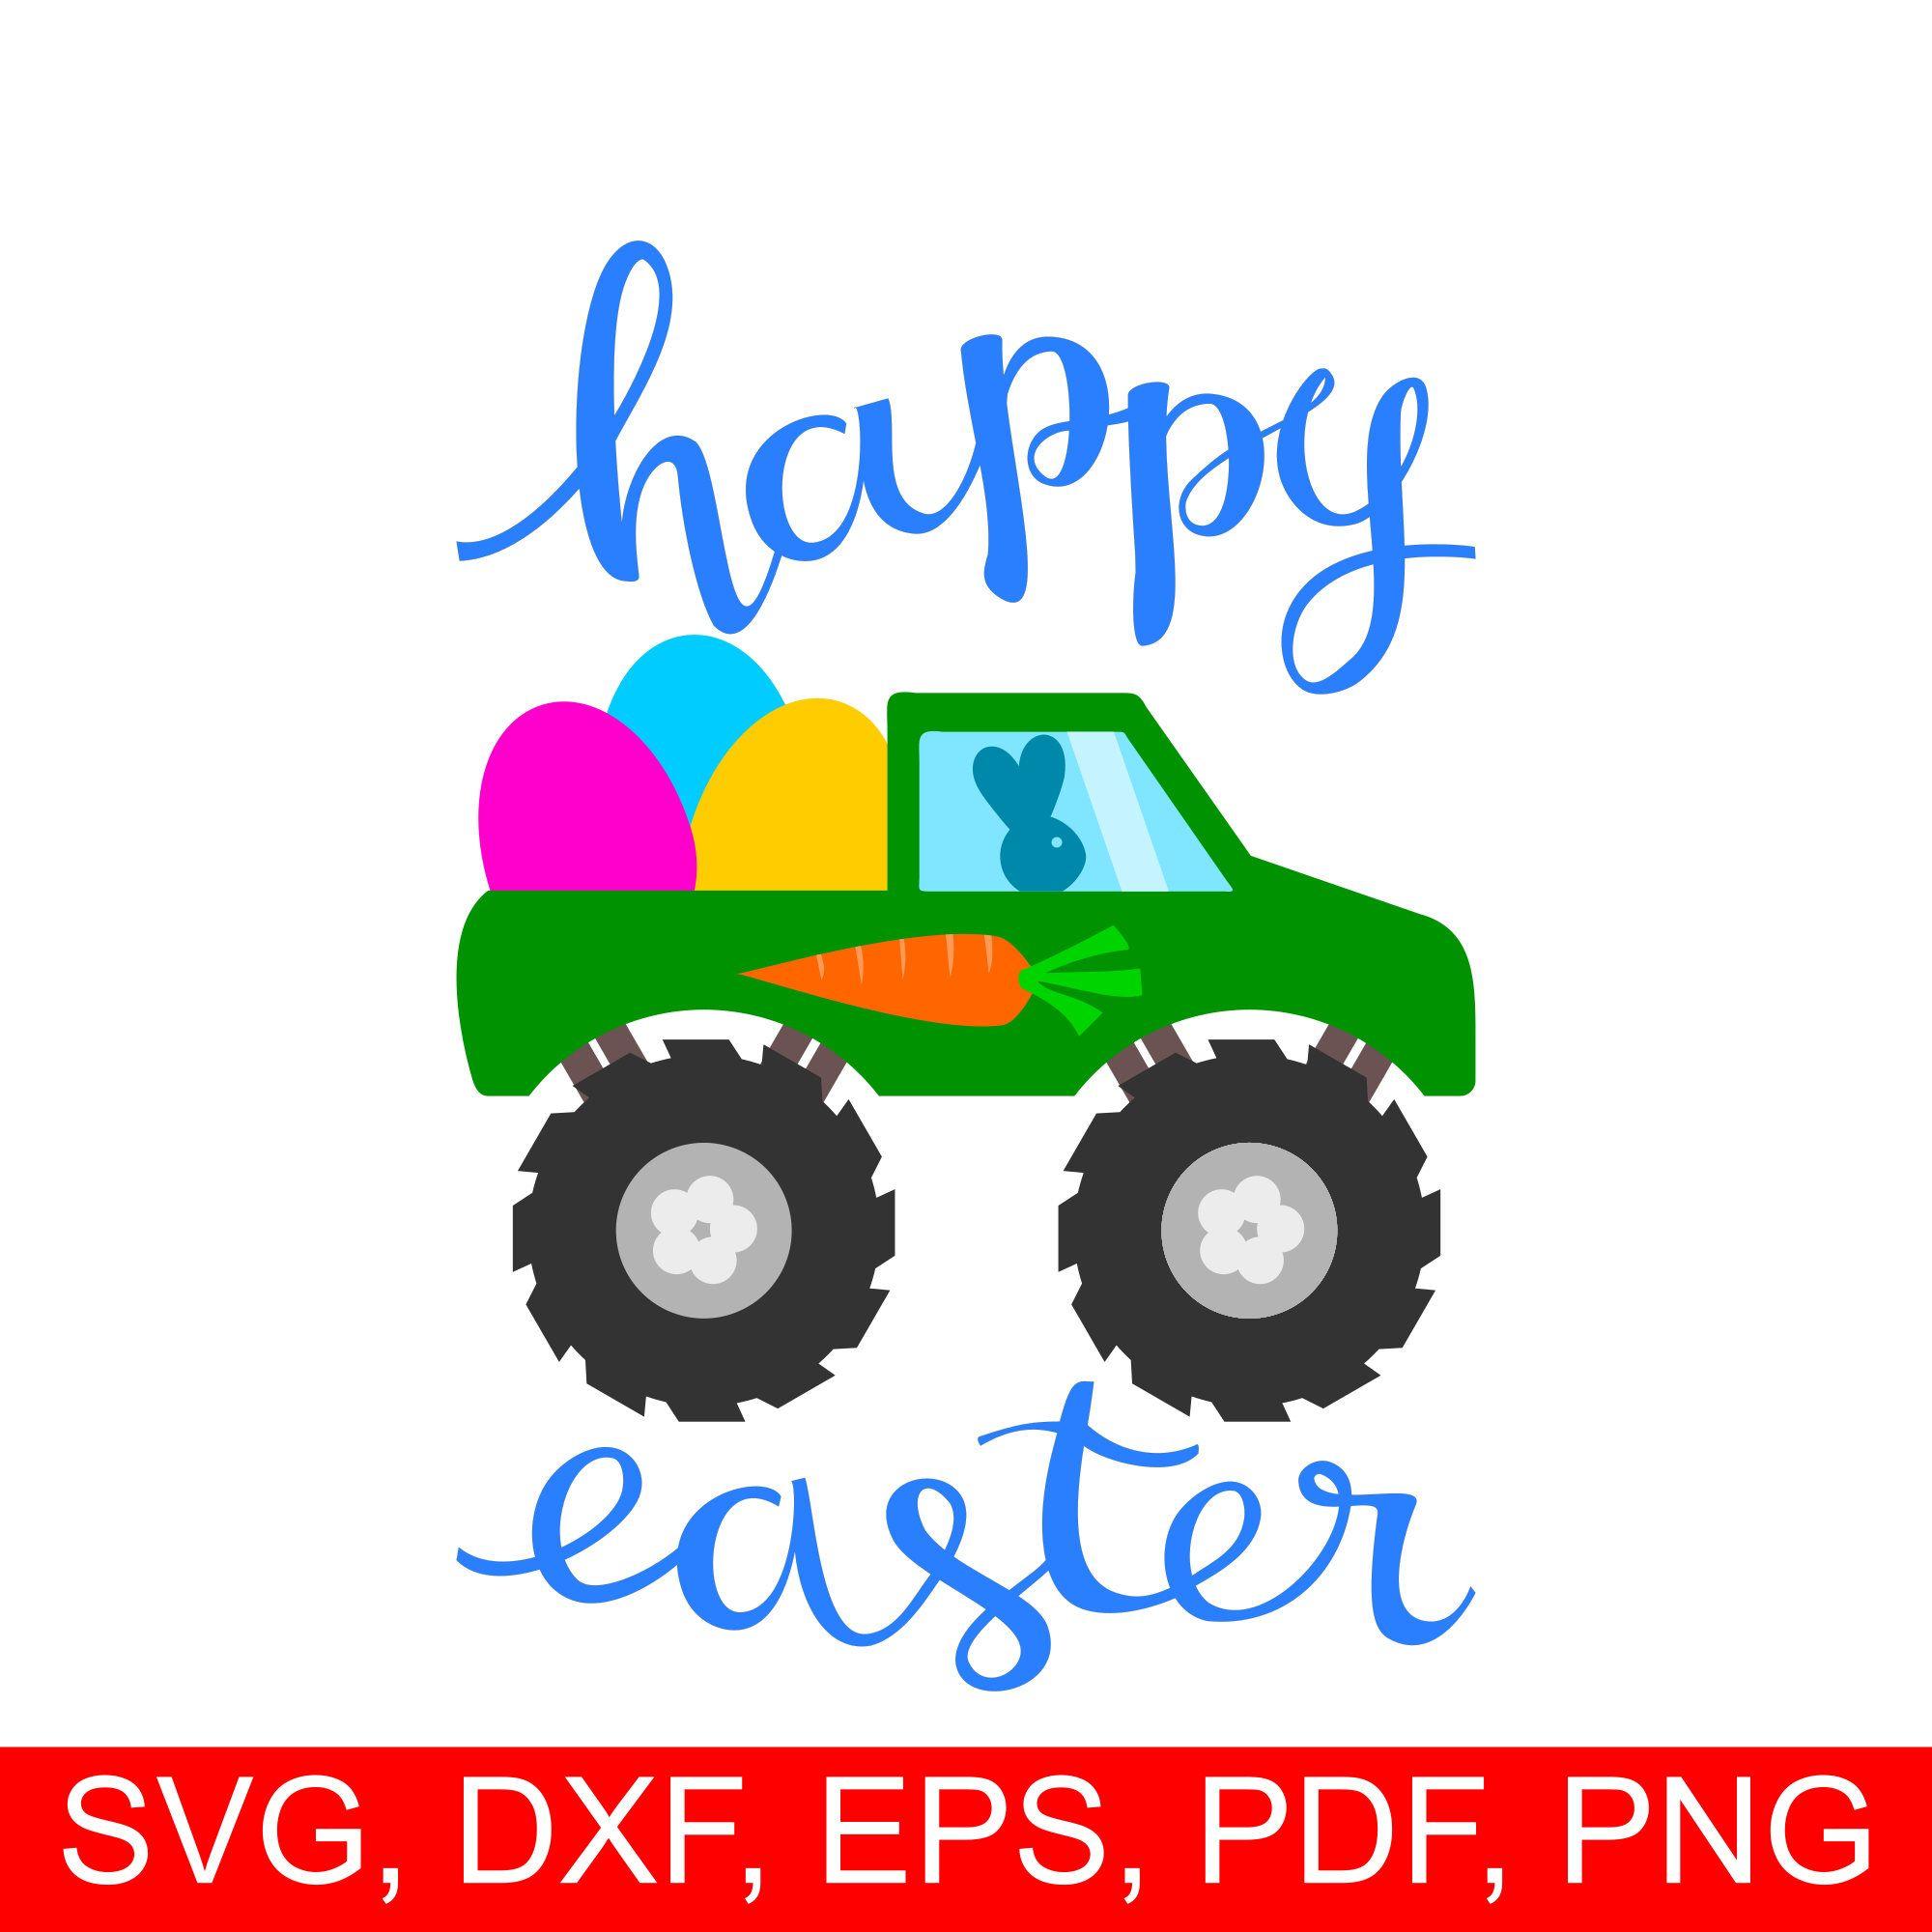 PNG Downloa Eggs Hunter svg Cartoons Lover svg Eggspert Easter Eggs Hunter Sonic Easter Day svg Sonic Easter svg Sonic the Hedgehog svg